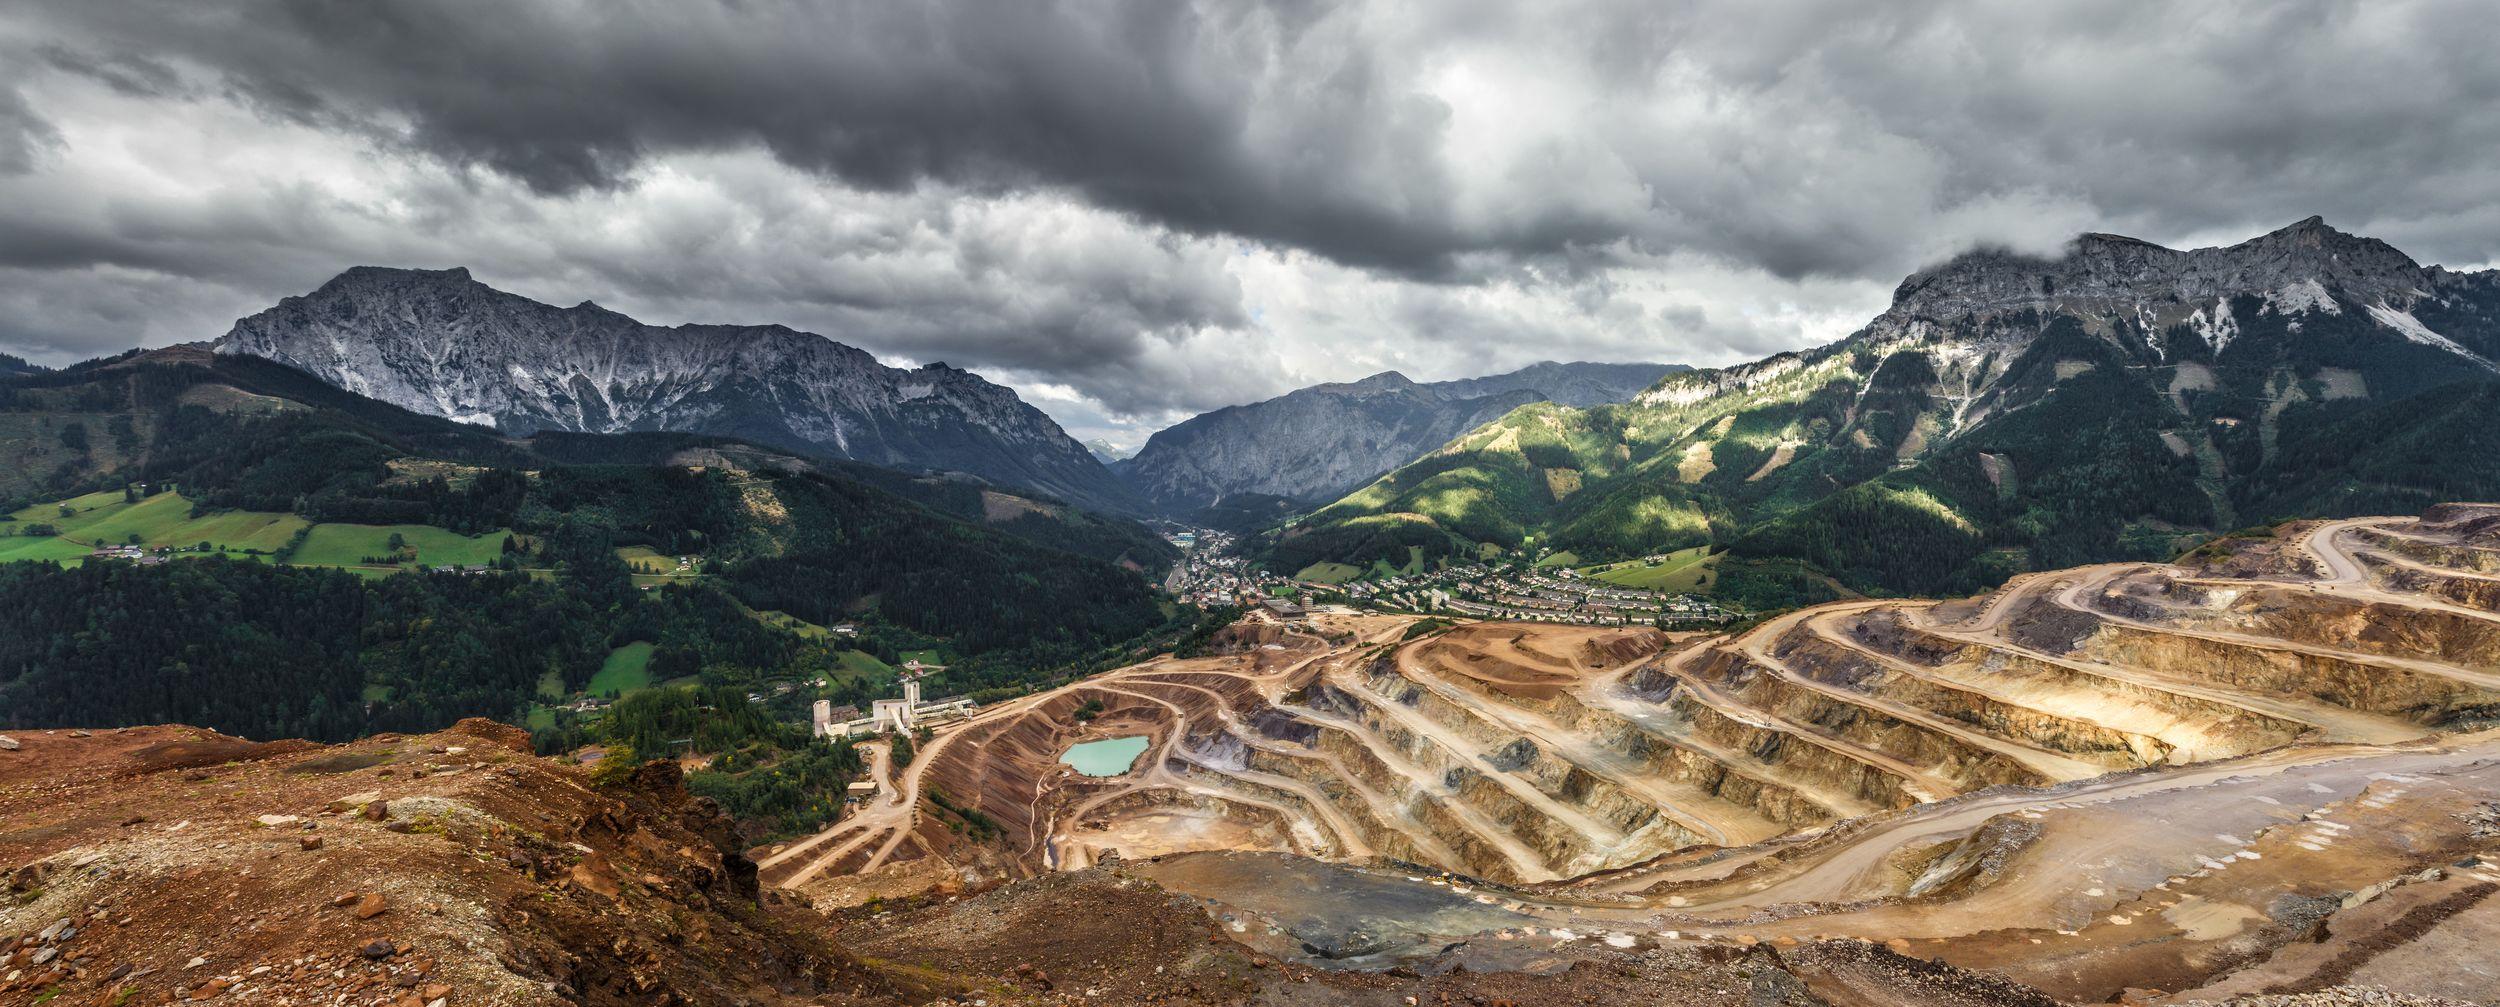 Mine site in the Austrian Alps. Photo by  Sebastien Pichler .